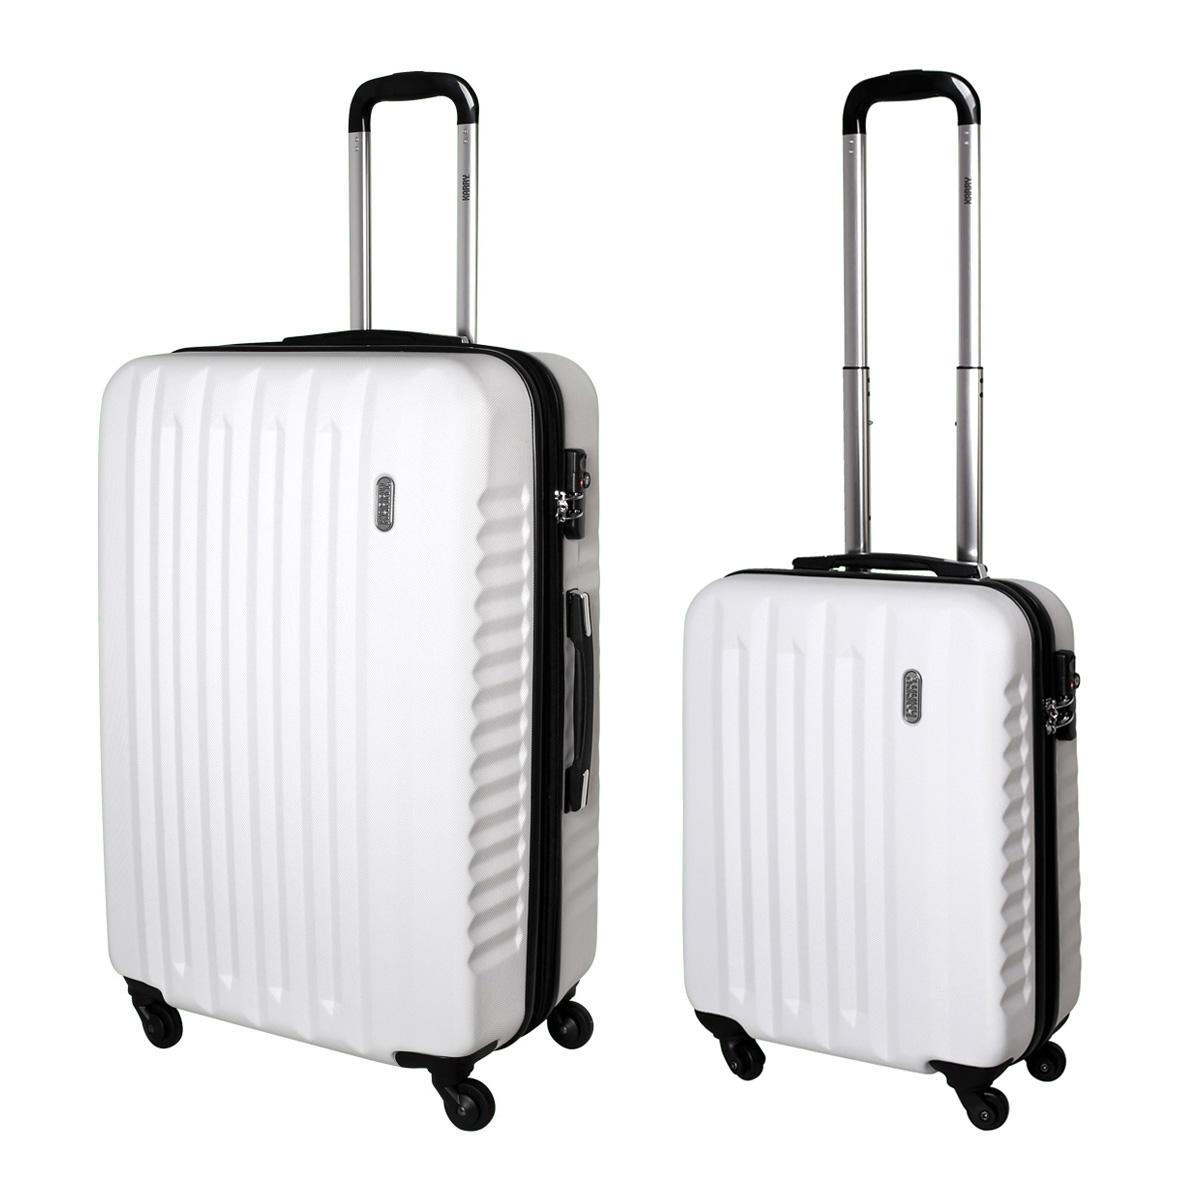 2 tlg hartschalen koffer set trolley karry handgep ck tsa schloss weiss 811 ebay. Black Bedroom Furniture Sets. Home Design Ideas